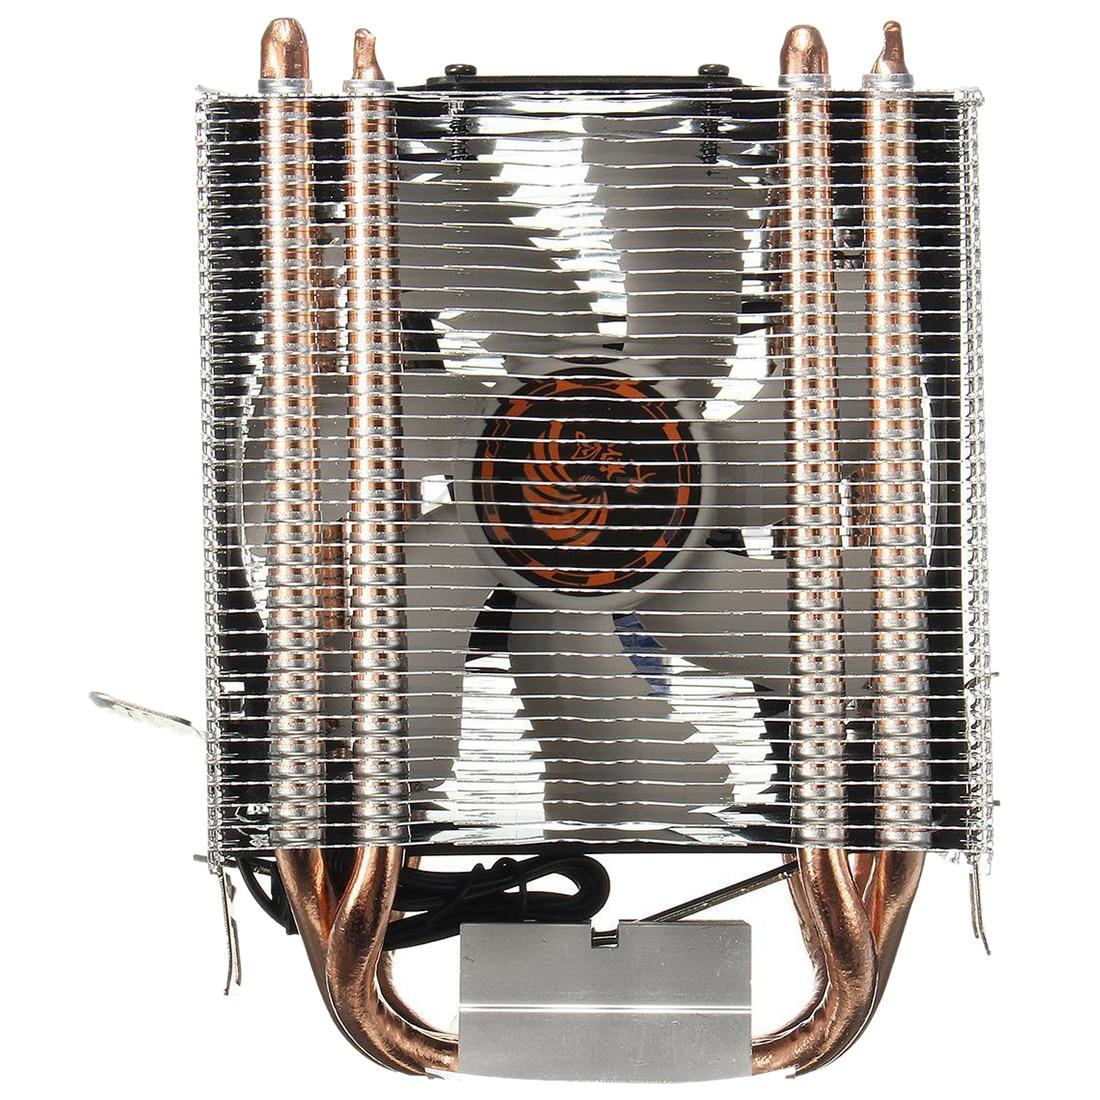 4 Heatpipe CPU Cooler disipador de calor para Intel LGA 1150 1151 1155 775 1156 (para AMD) Nuevo